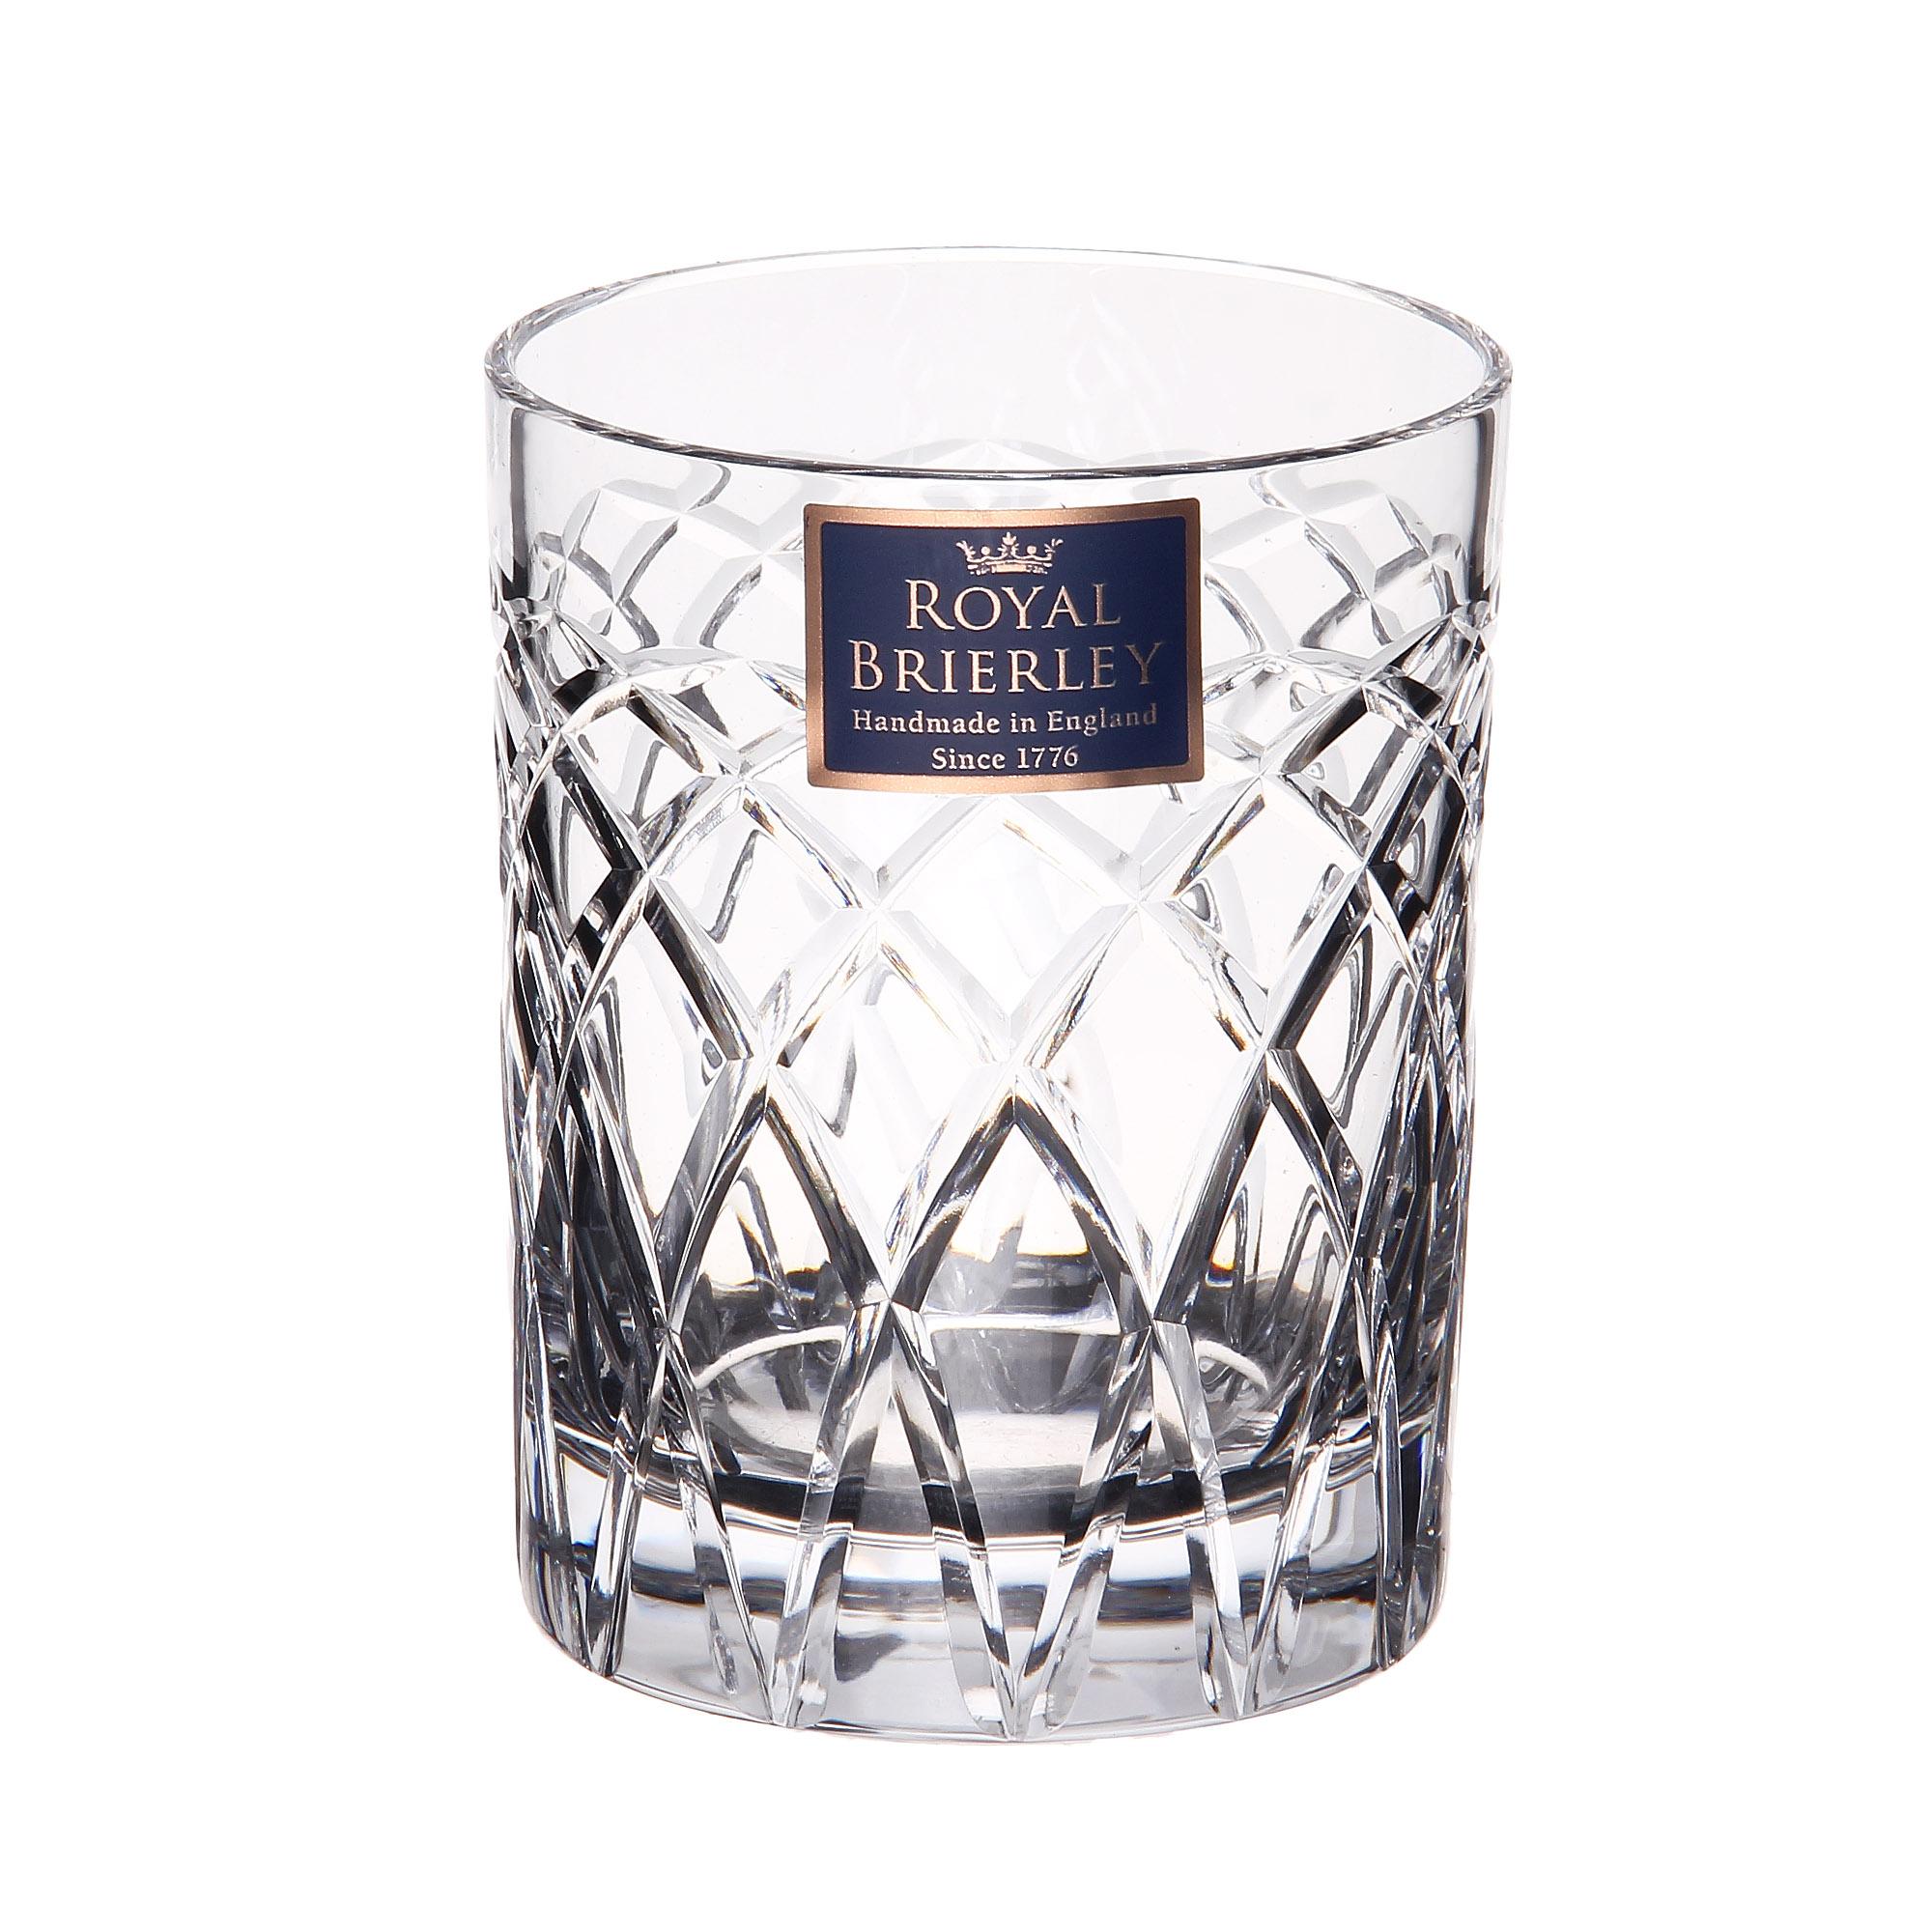 Купить Стакан для виски Dartington crystal harris clear 230мл, Великобритания, хрусталь ручной работы (24% свинца)